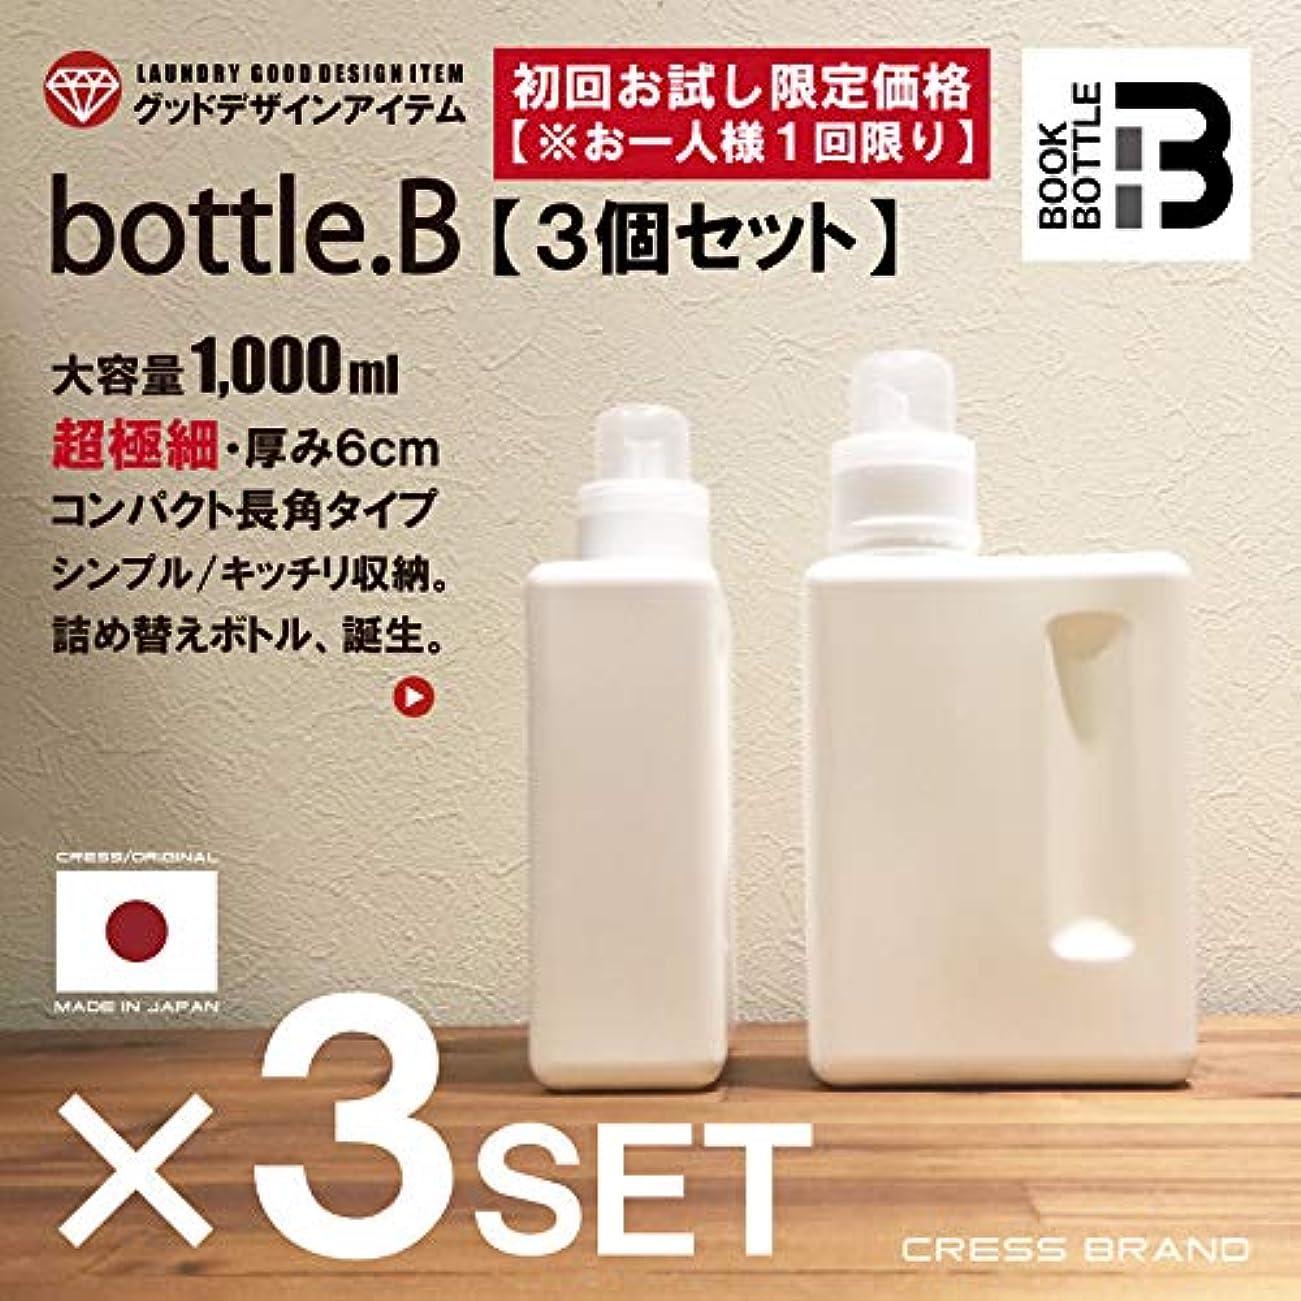 避難するリッチ終わらせる<3個セット>bottle.B-3set【初回お試し限定価格?お一人さ様1回限り】[クレス?オリジナルボトル]1000ml BOOK-BOTTLE